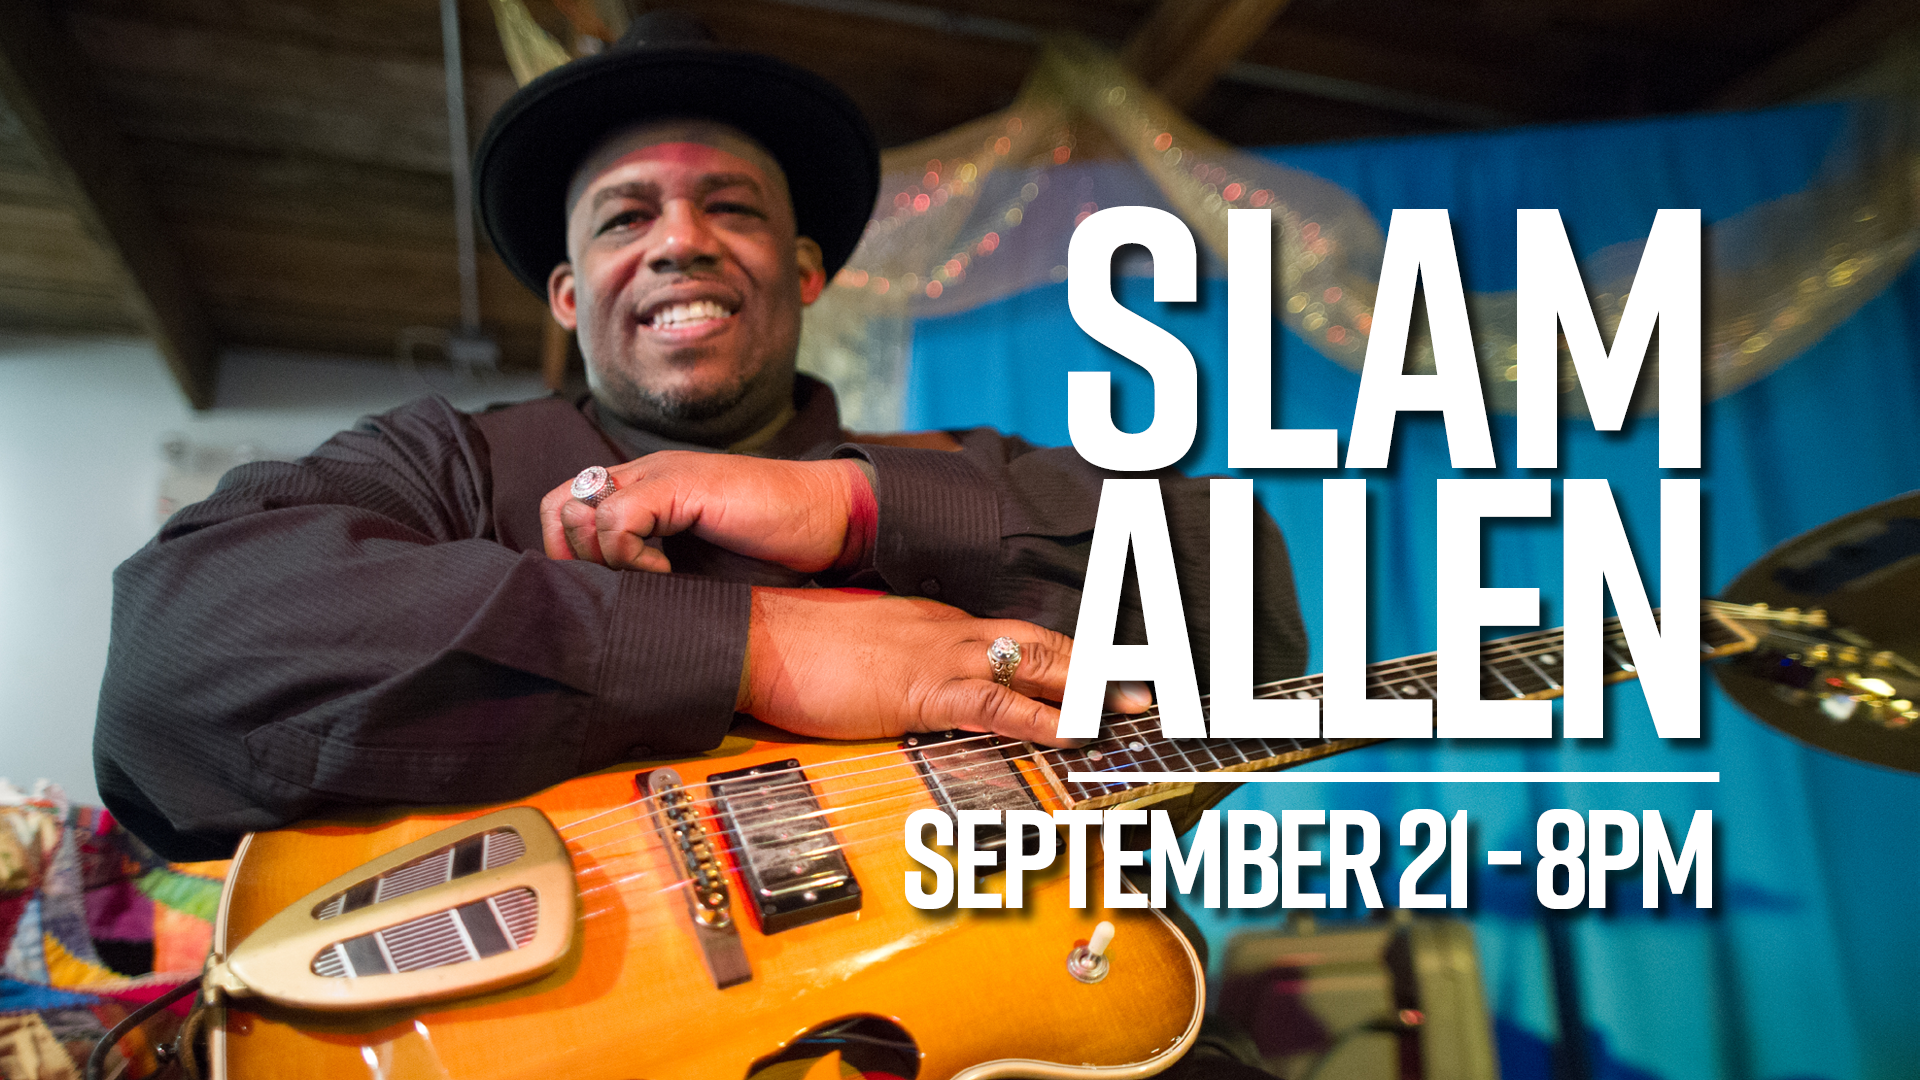 Slam Allen